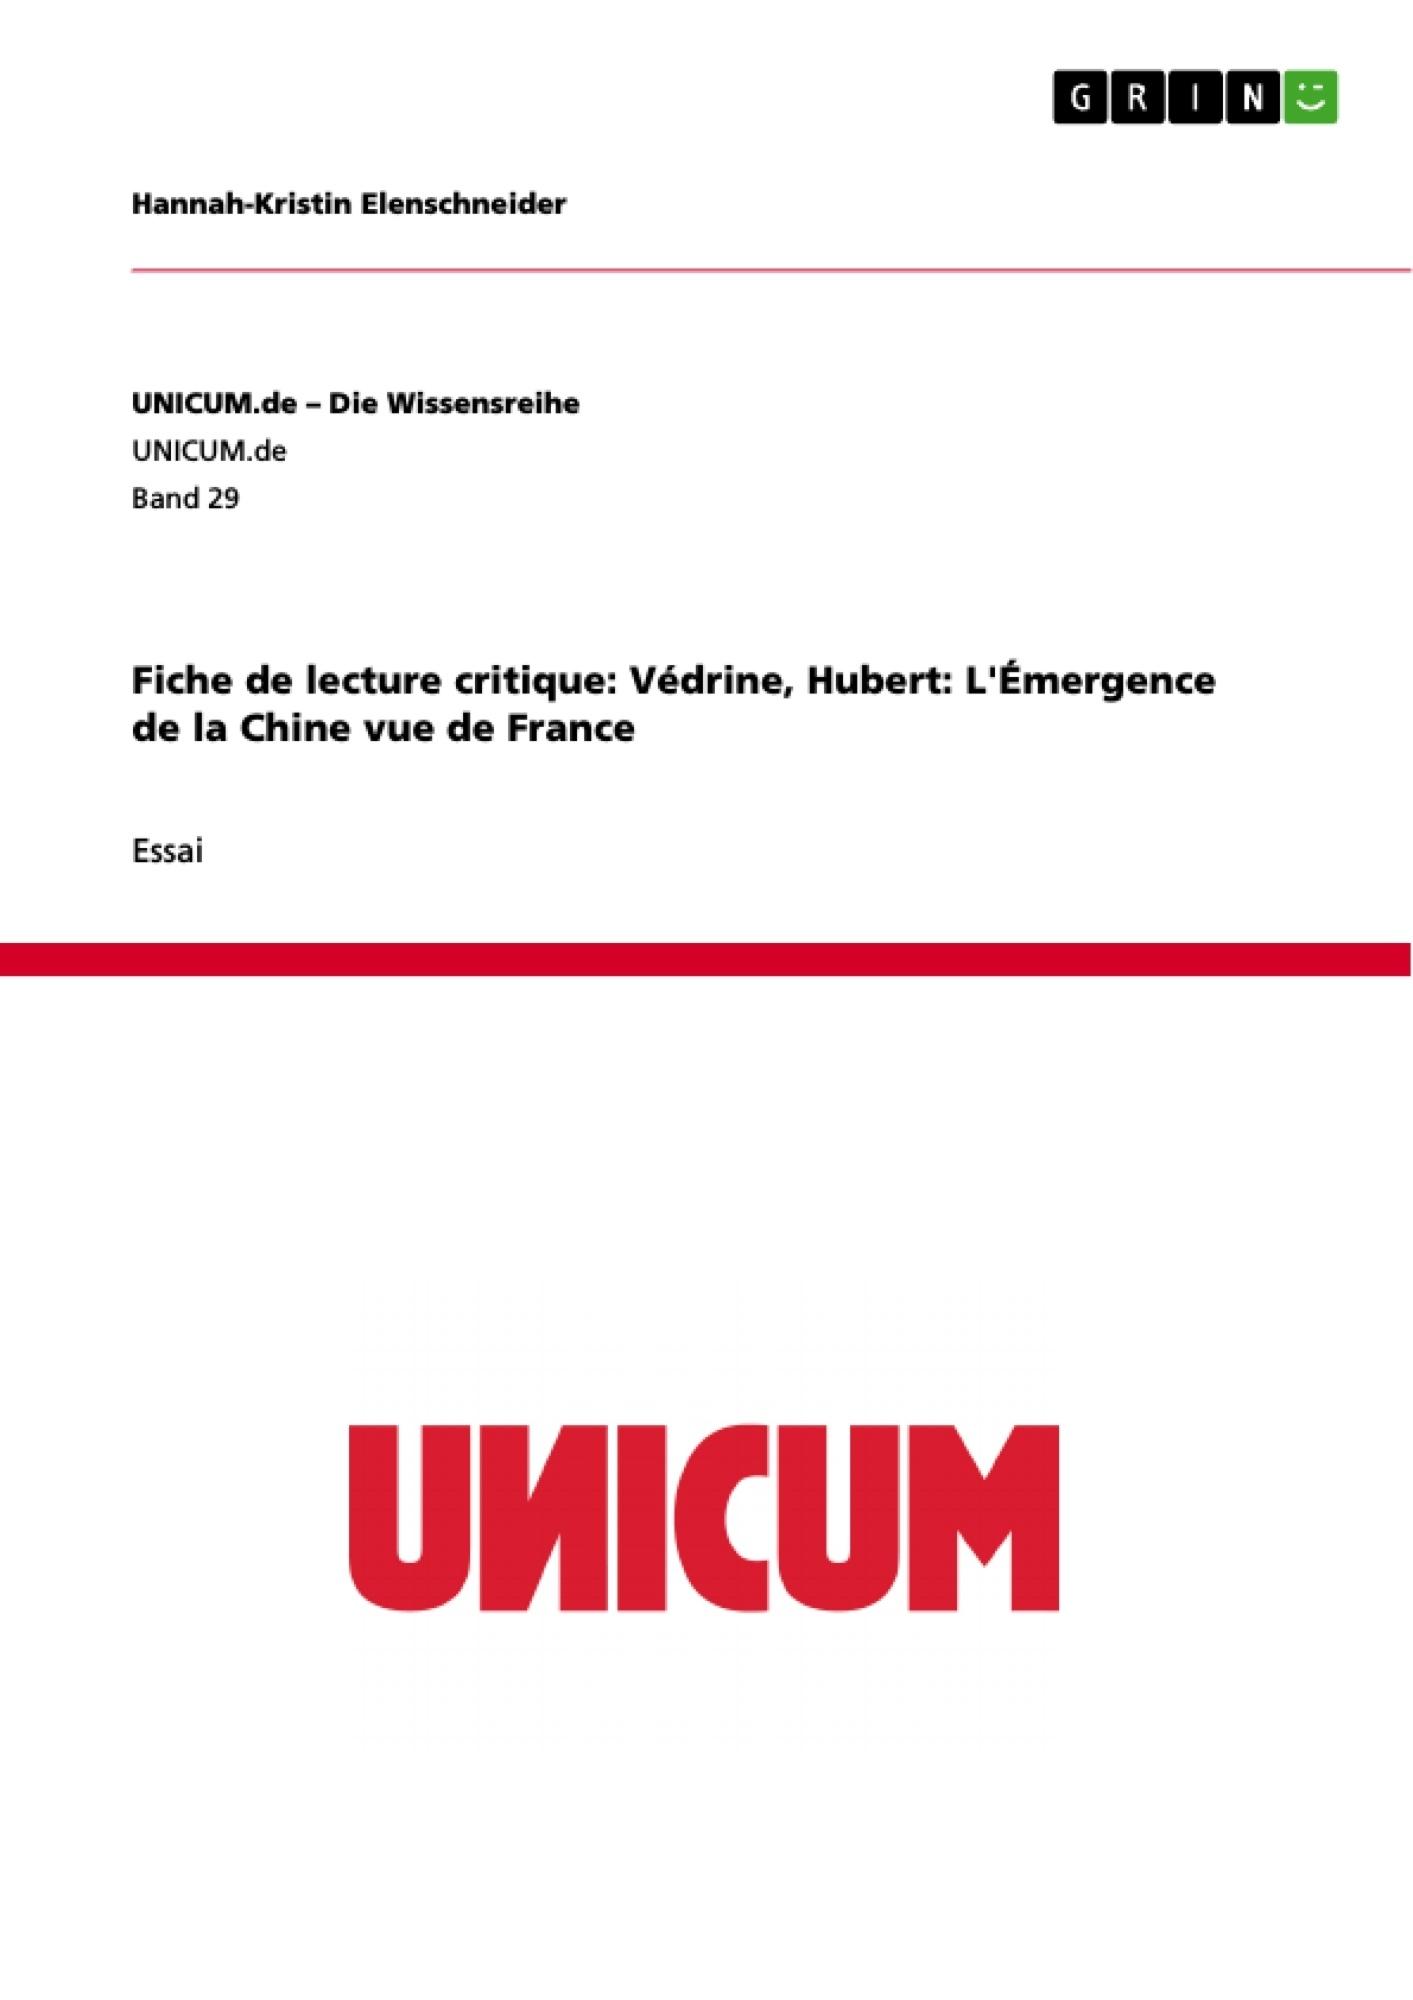 Titre: Fiche de lecture critique: Védrine, Hubert: L'Émergence de la Chine vue de France